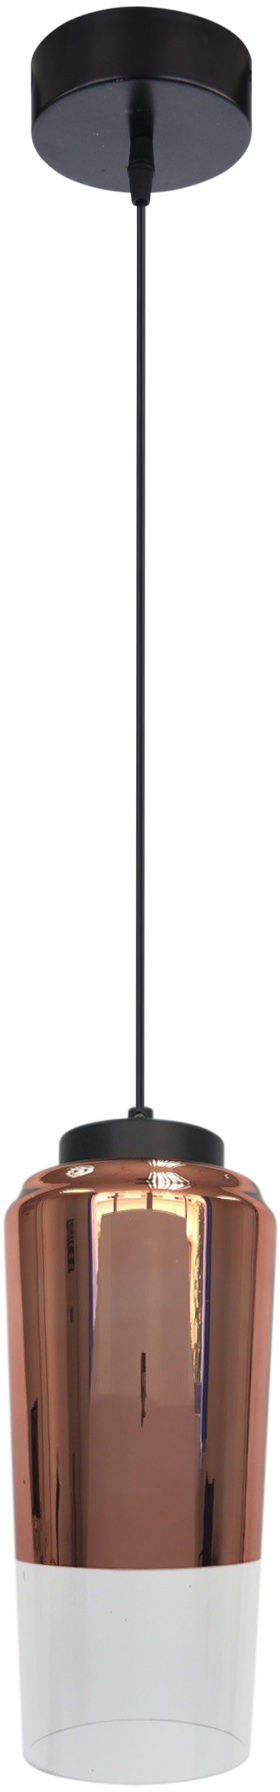 Candellux TUBE 31-51271 lampa wisząca dwukolorowy klosz szklany miedziany na zawiesiu 1X60W E27 13 cm